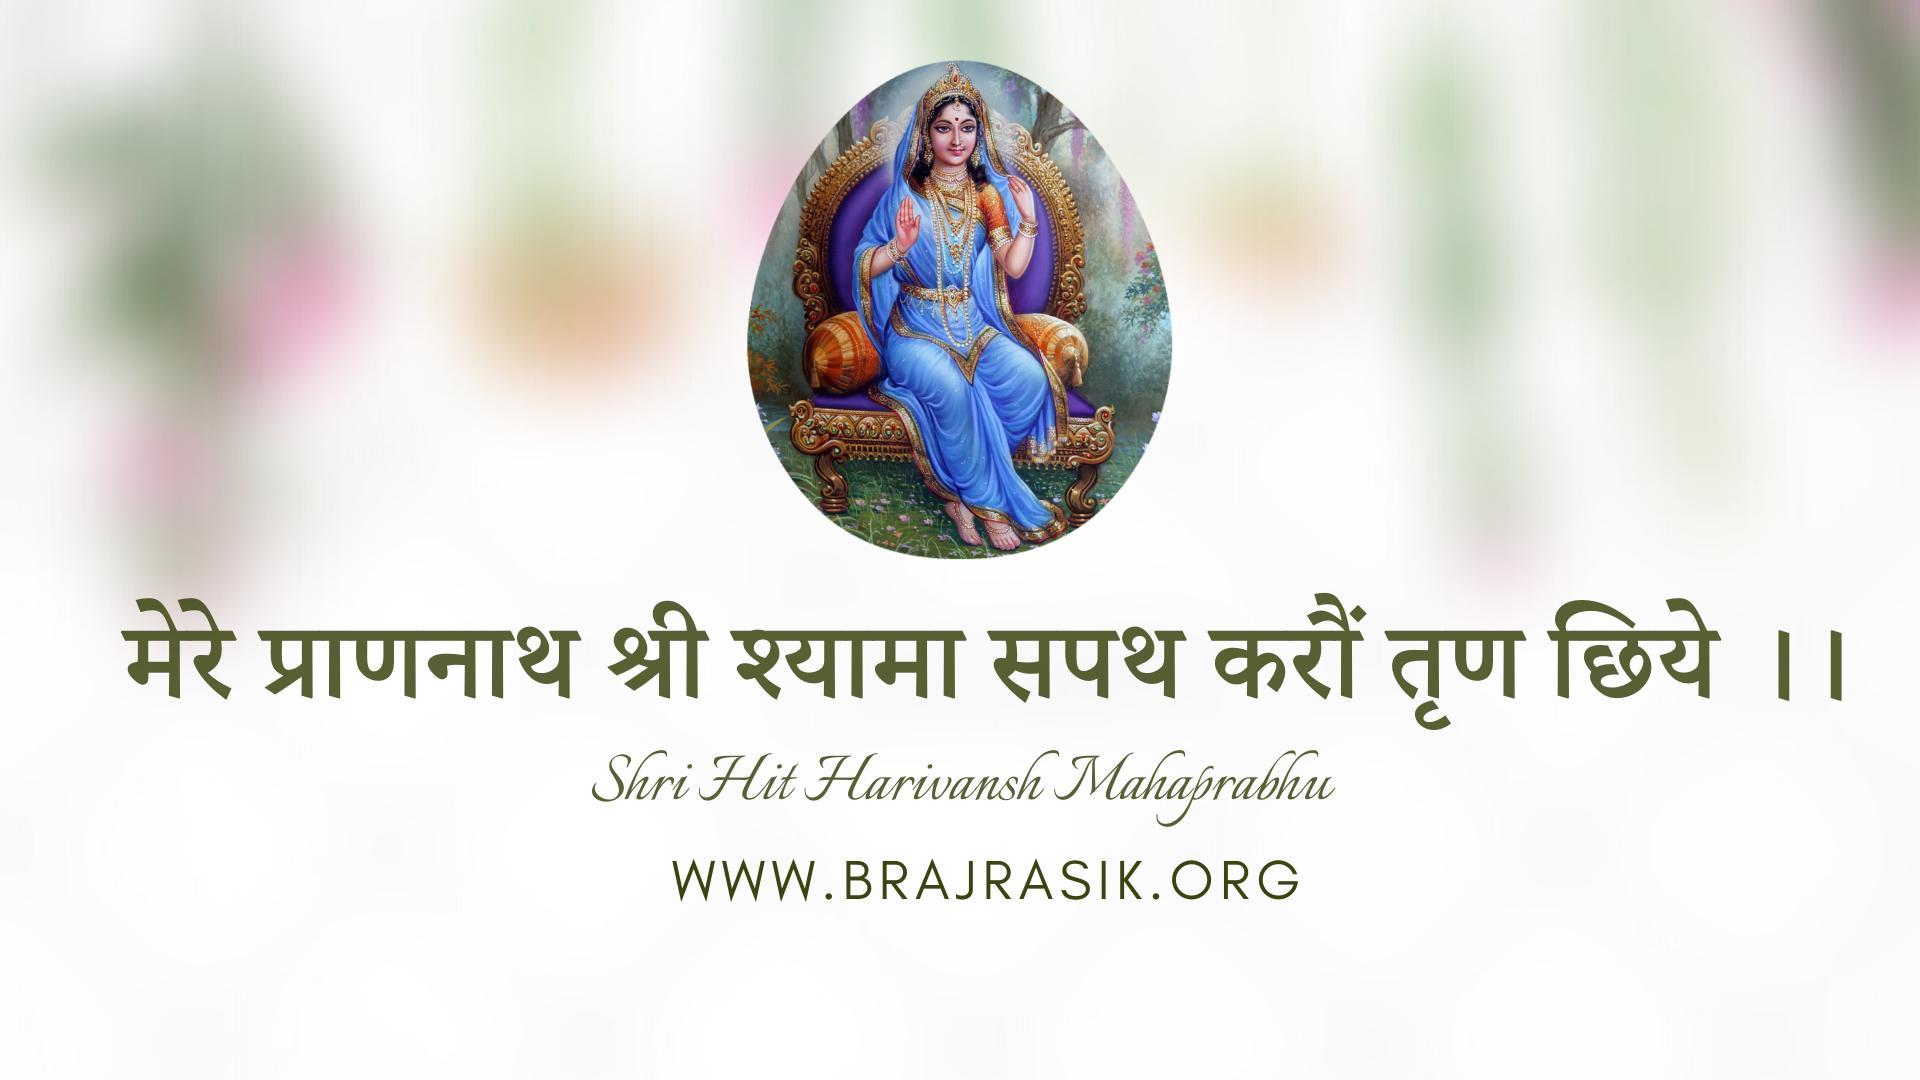 Mere Prannath Shri Shyama Sapath Karo Trin Chiye